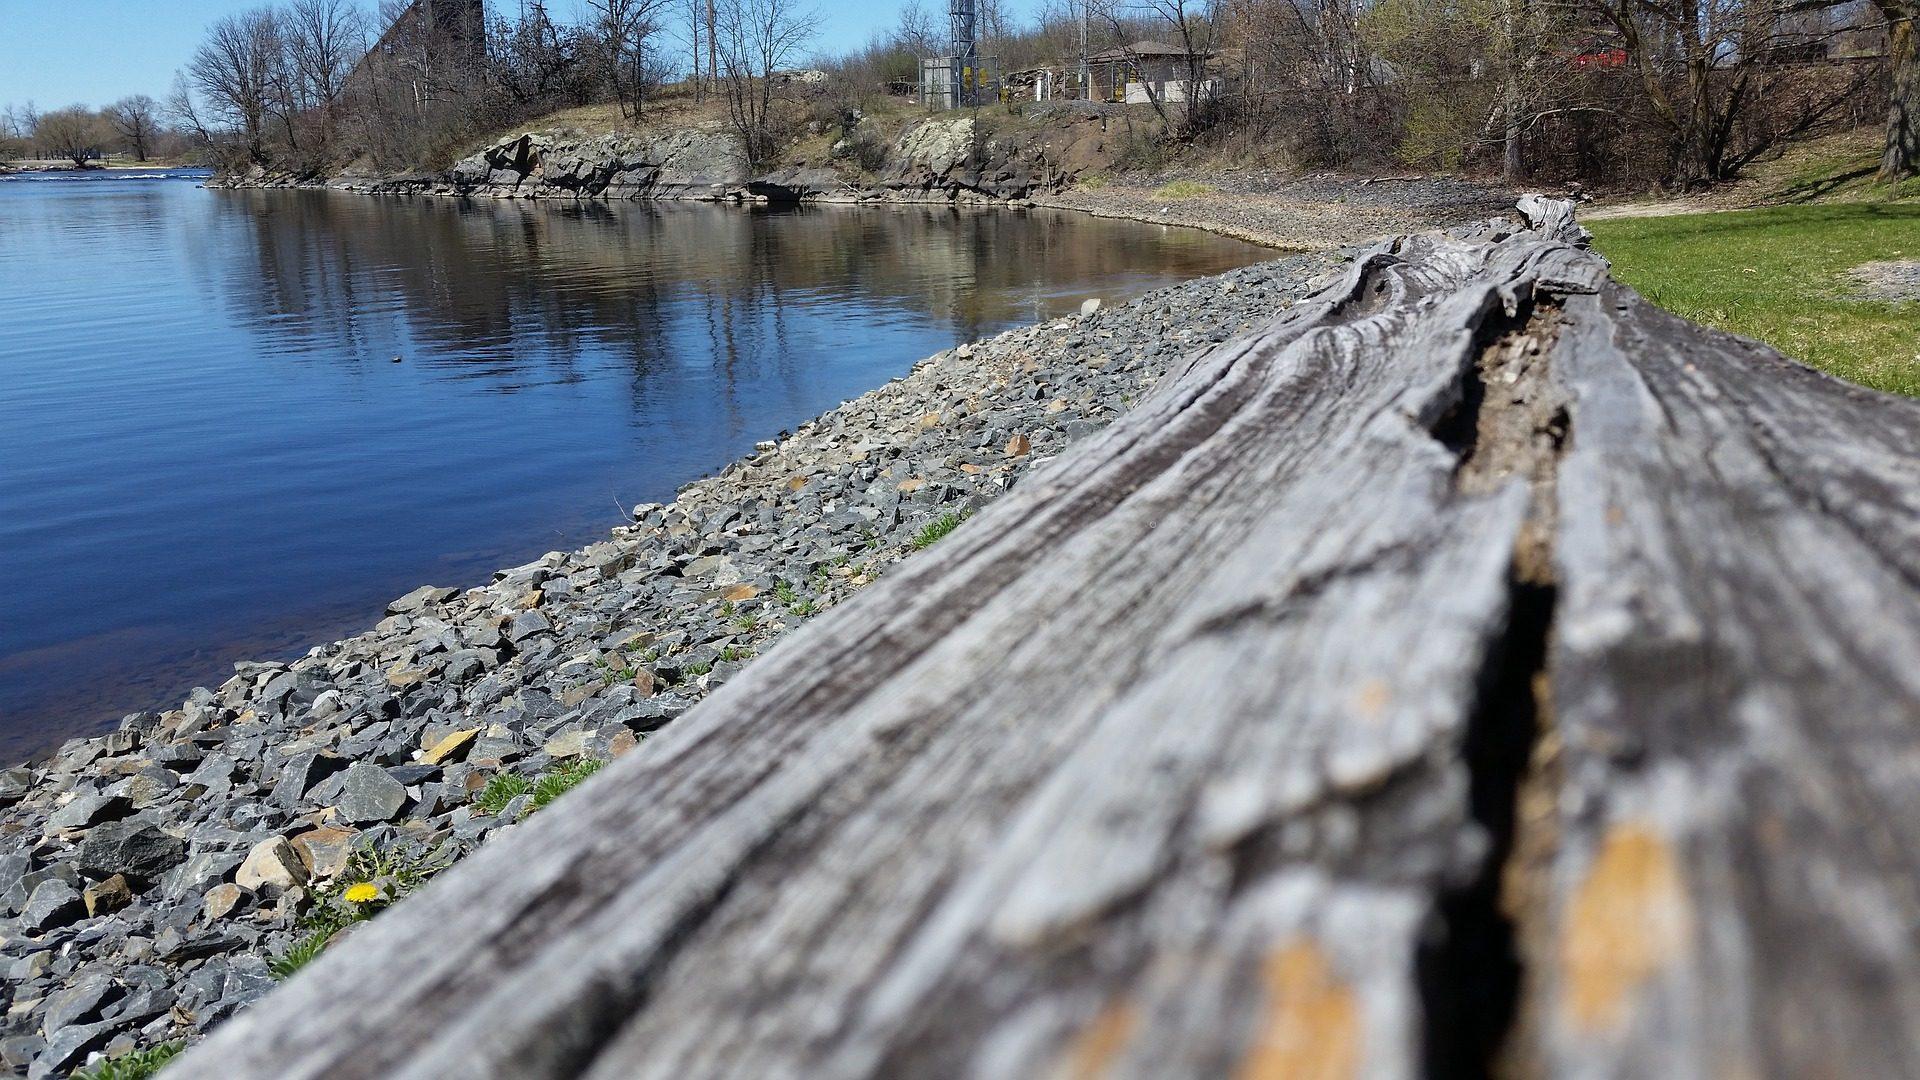 Lago, floresta, casas, madeira, pedras - Papéis de parede HD - Professor-falken.com